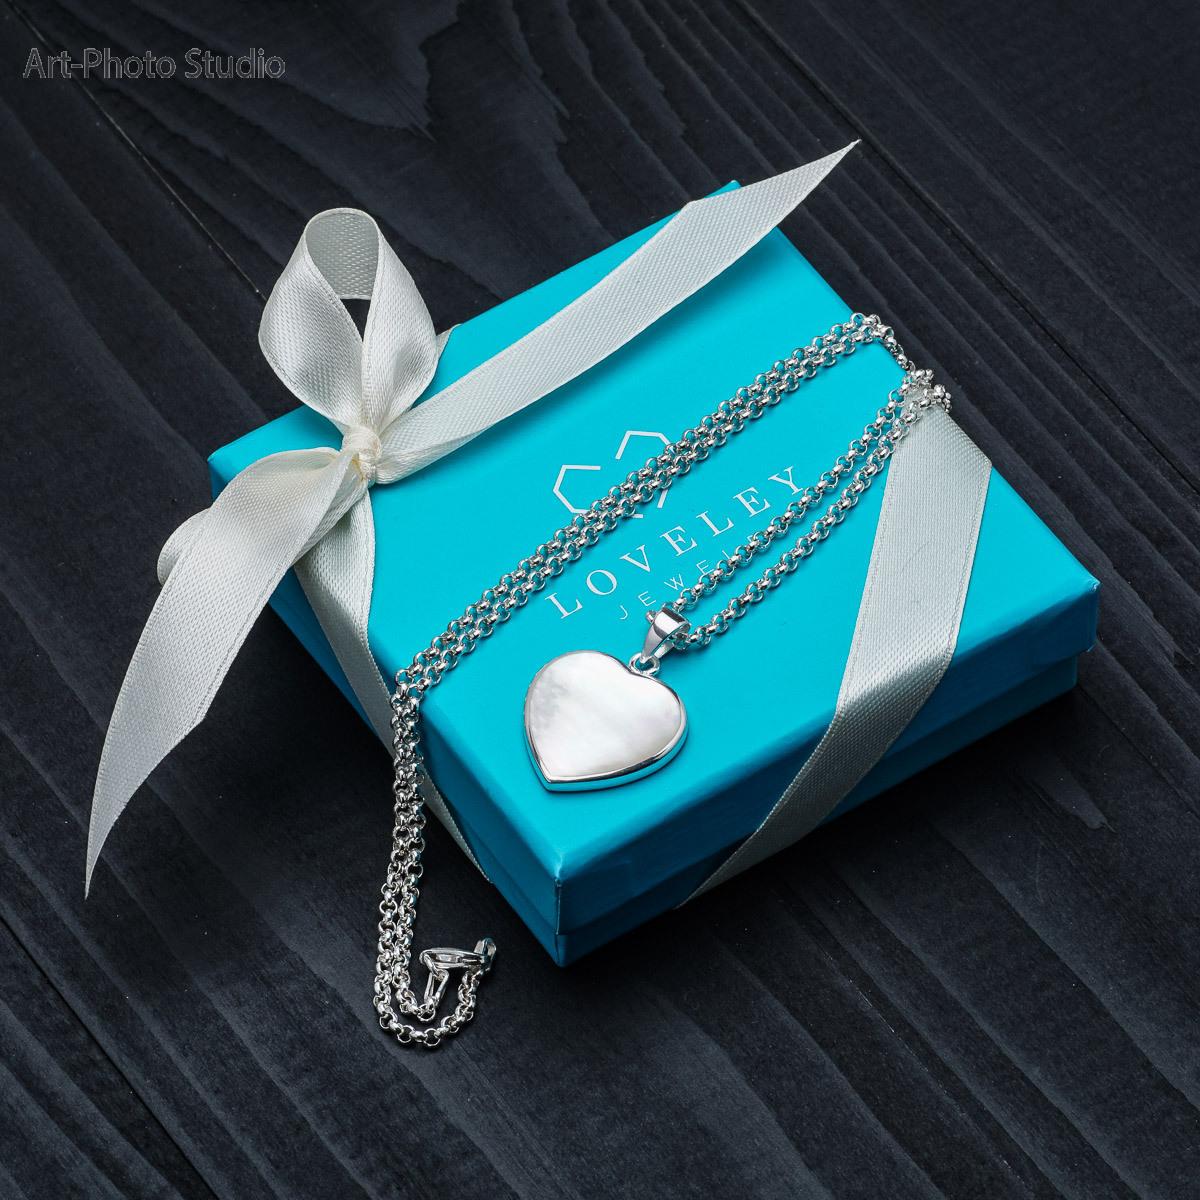 предметная съемка ювелирных украшений в Харькове - подарочная коробка с изделиями